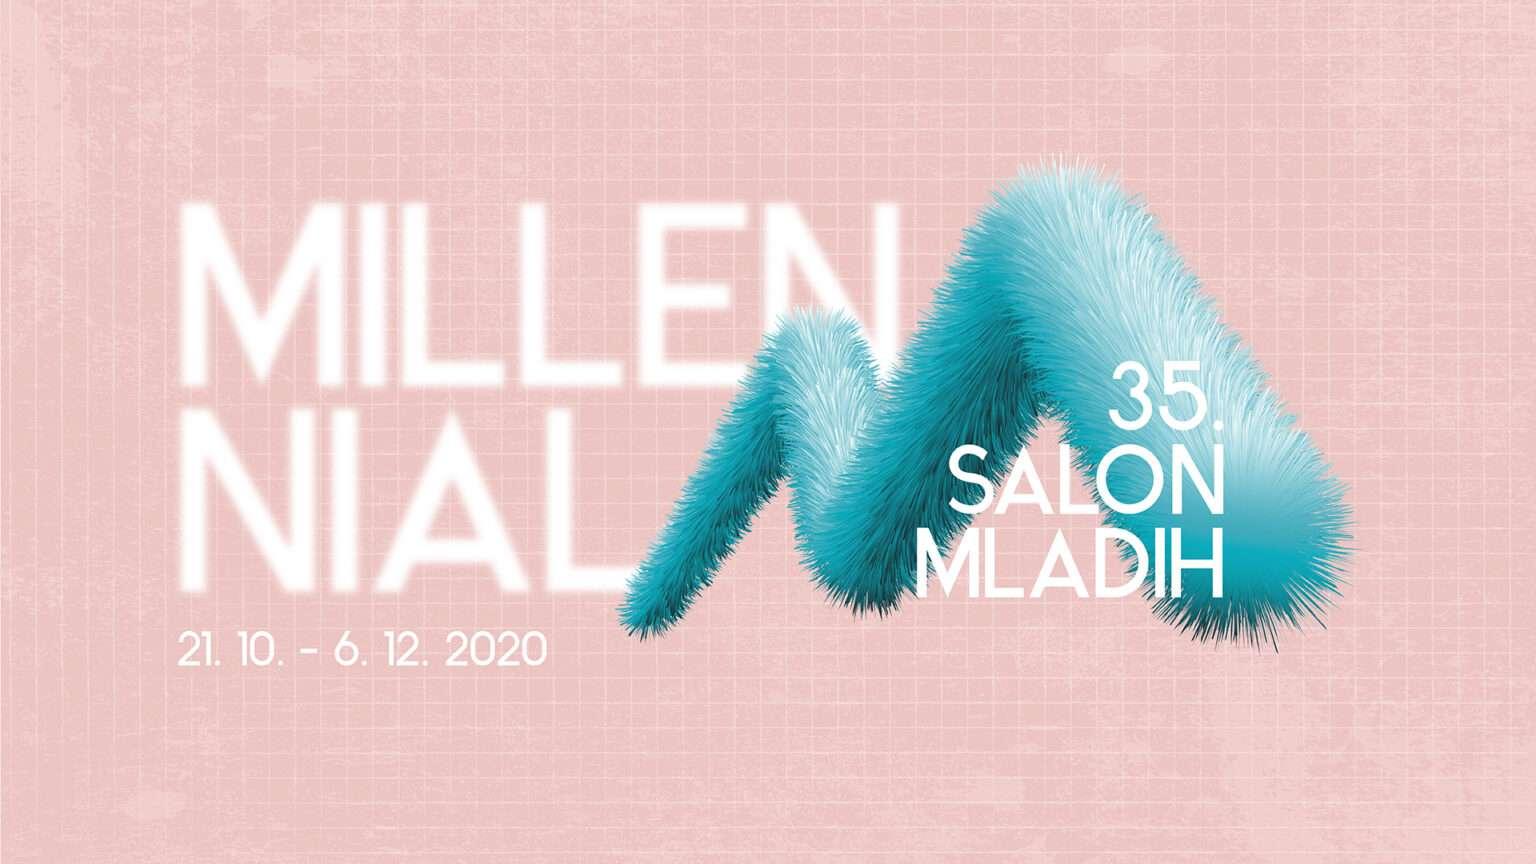 Otvorenje 35. salona mladih – Millennial